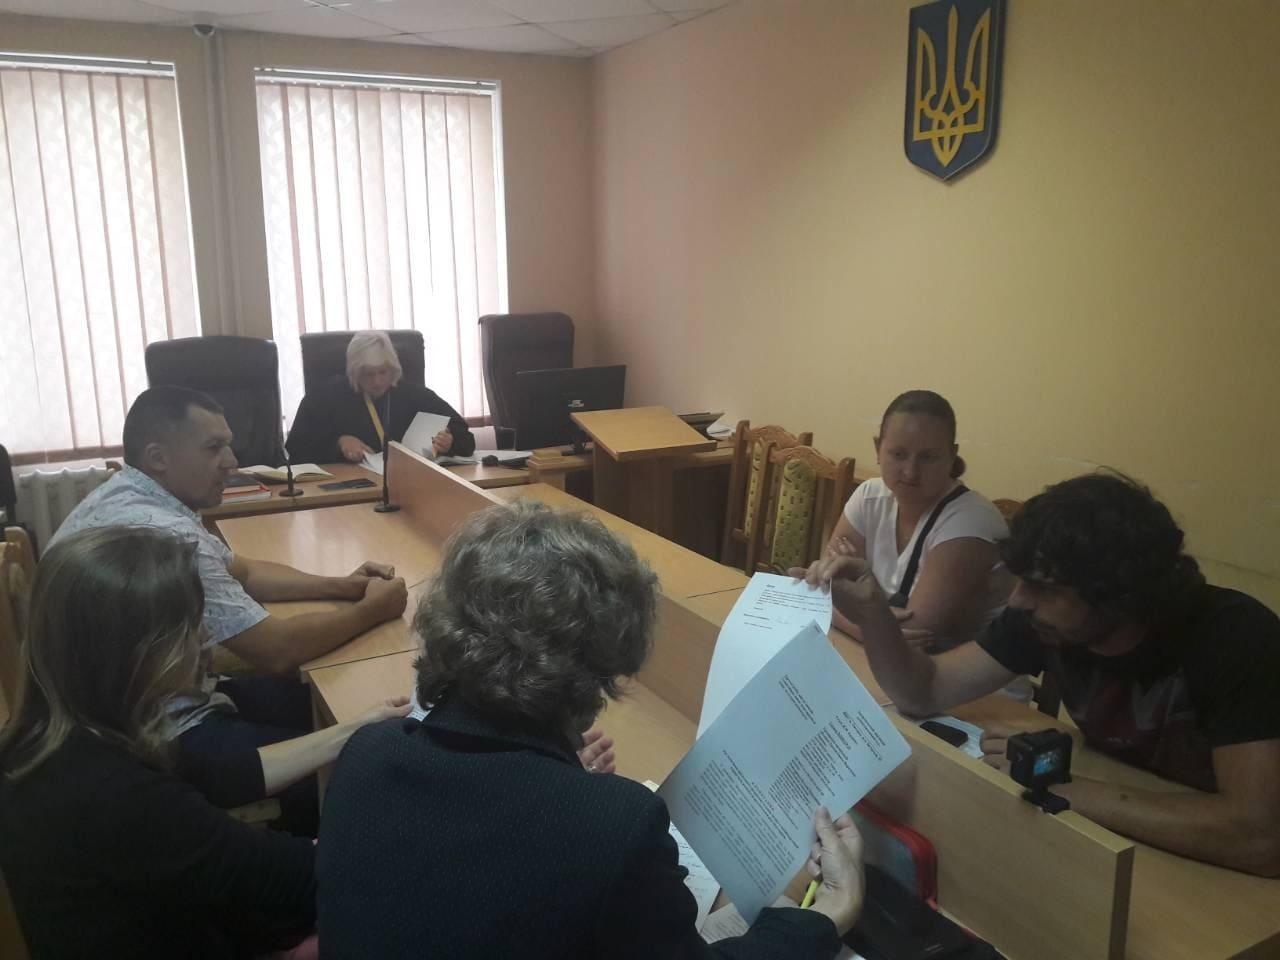 Сьогодні суд в Ужгороді розгляне справу щодо будівництва мініГЕС на Шопурці на Рахівщині